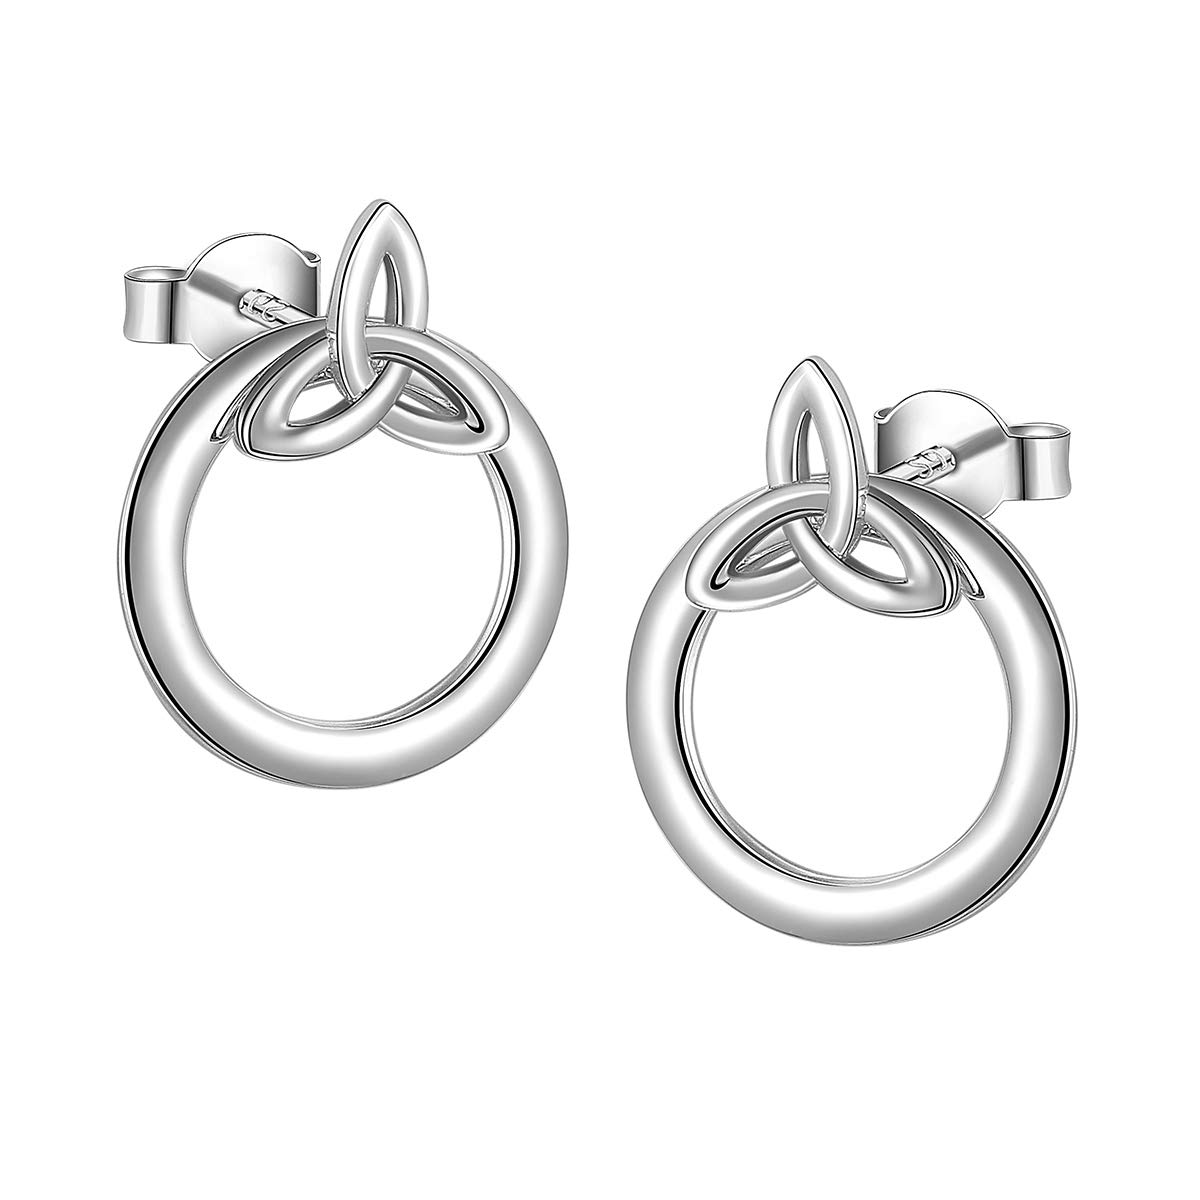 Ladytree Sterling Silver Celtic Knot Circle//Hearts Ear Jacket Earrings Back Ear Cuffs Chic Stud Earring